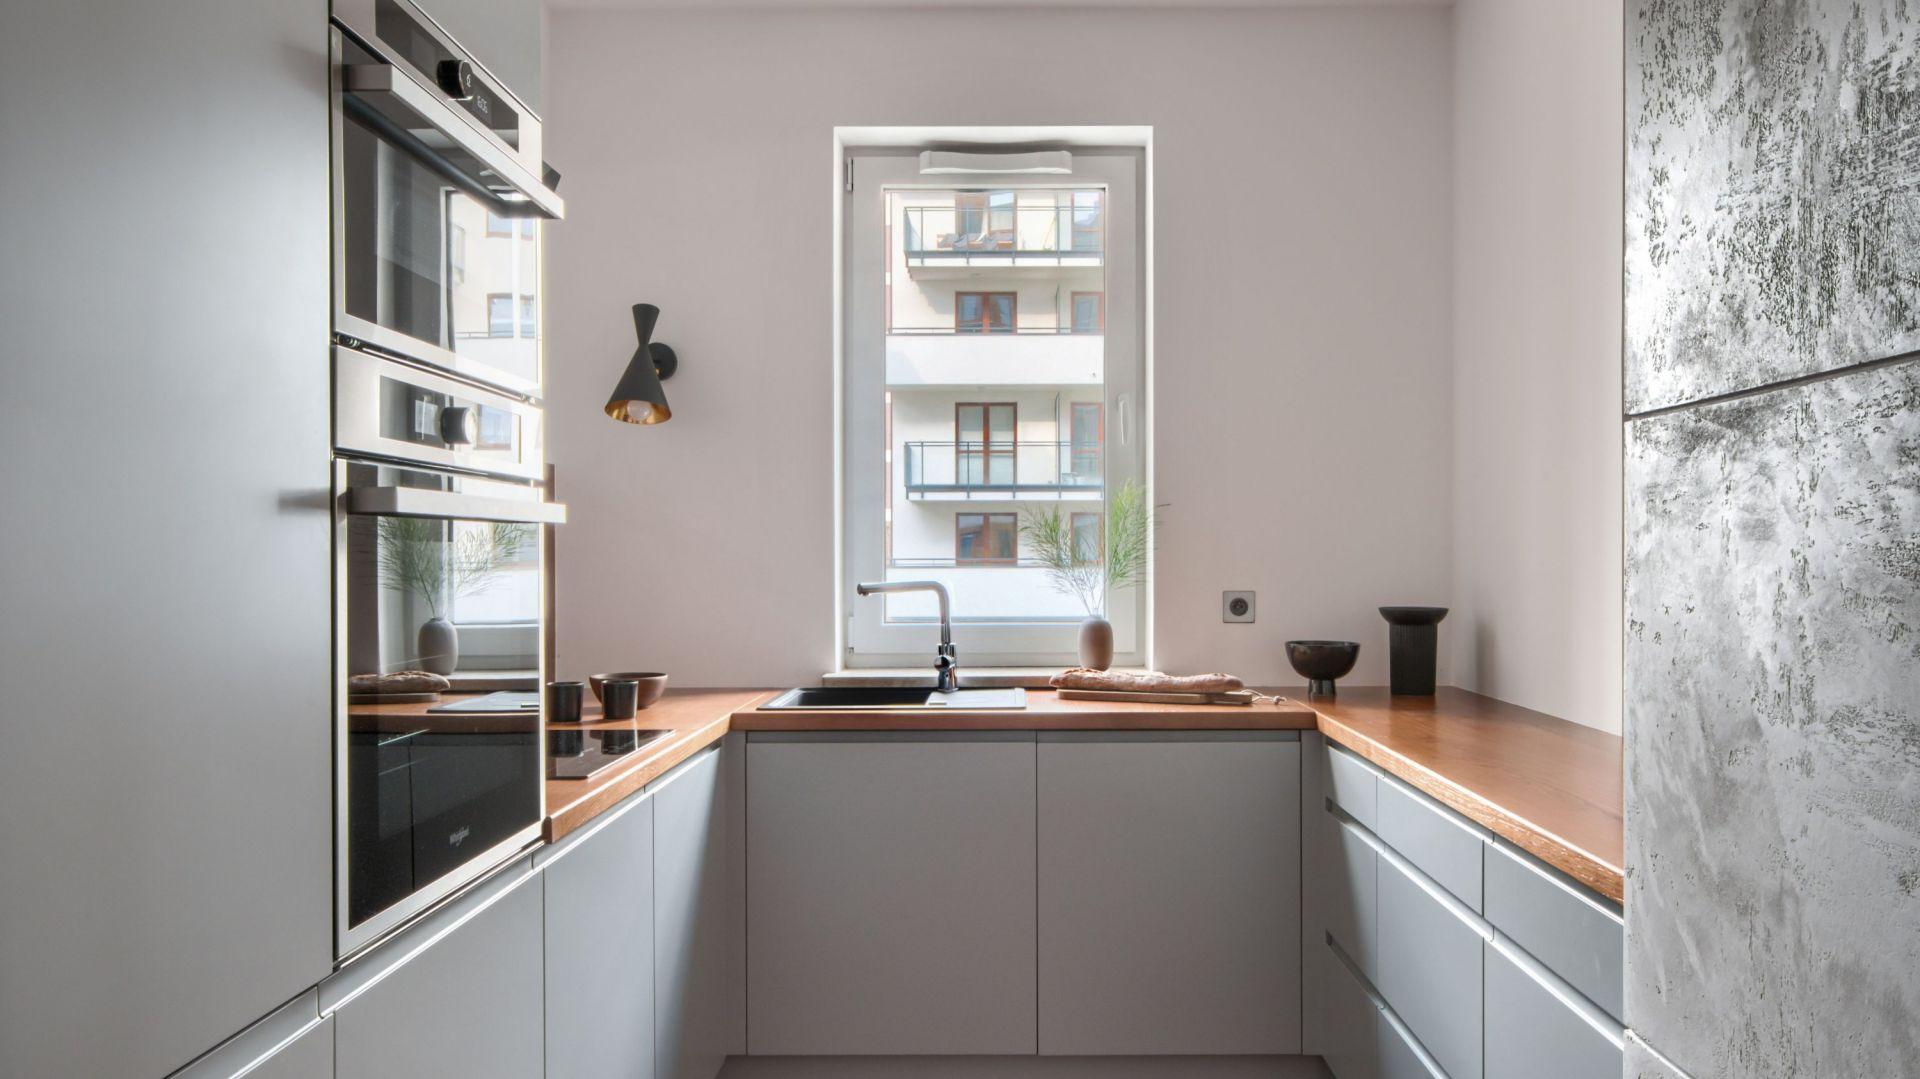 Kuchnia w bloku. 12 pomysłów na nieduży metraż. Projekt Deer Design